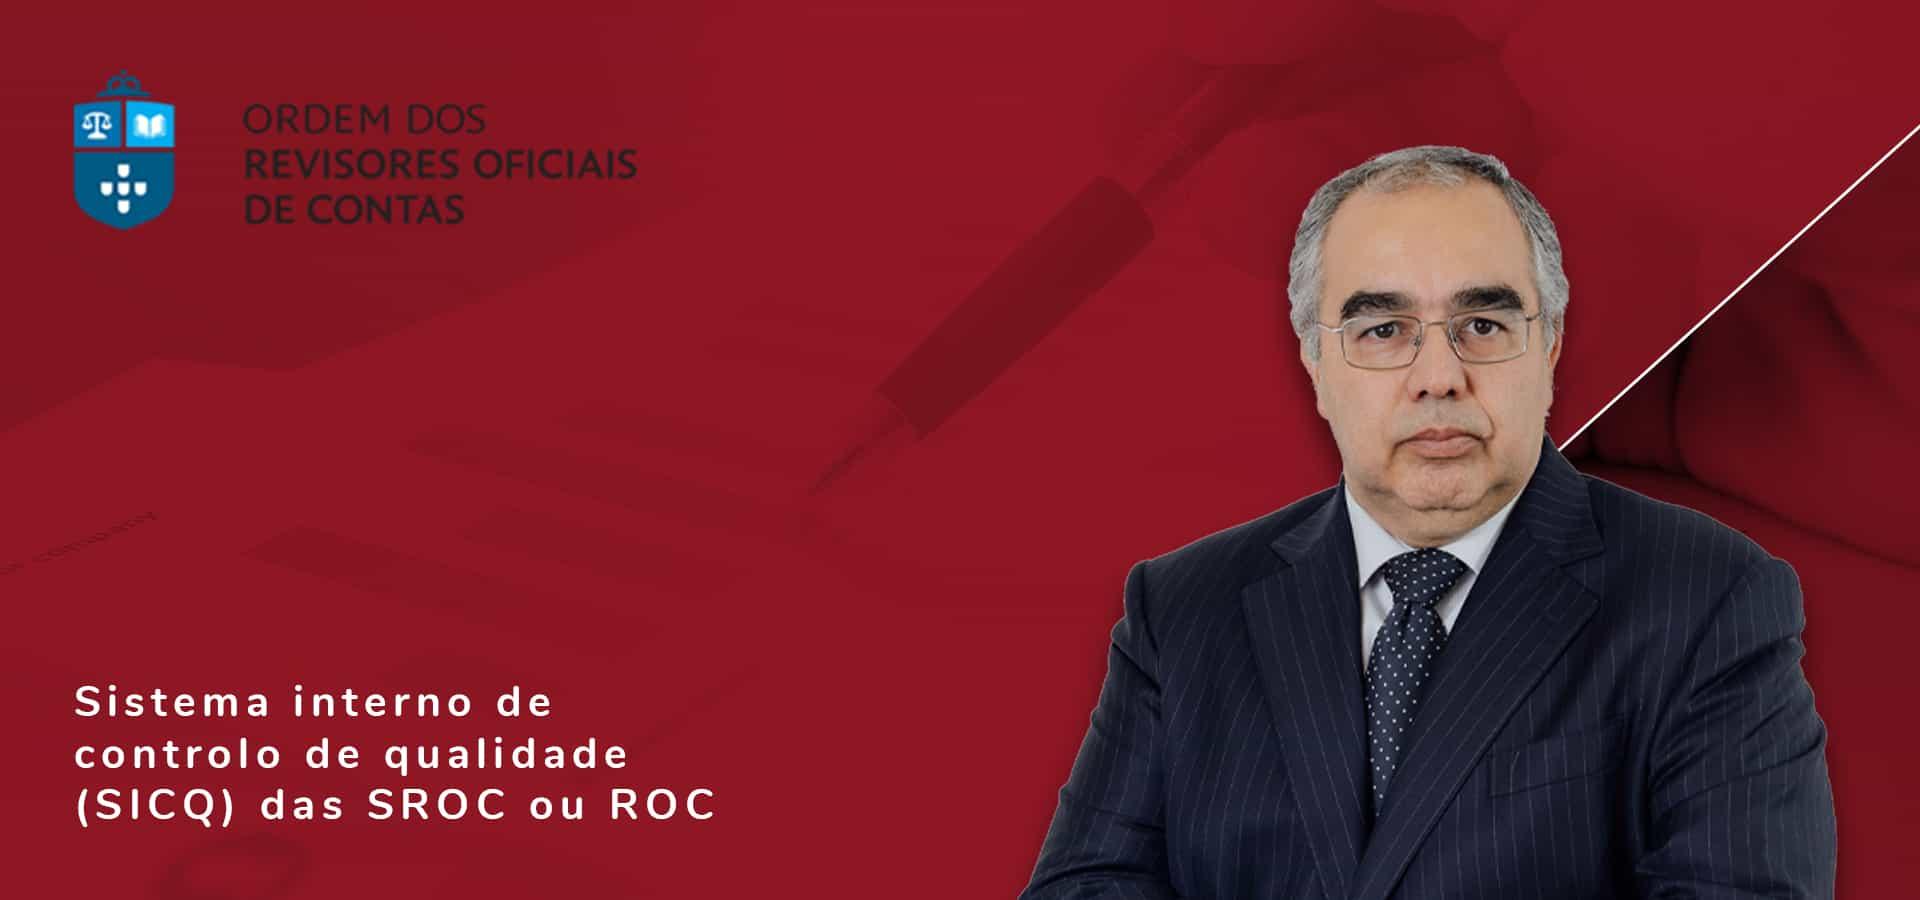 Raul Fernandes no Sistema interno de controlo de qualidade (SICQ) das SROC ou ROC